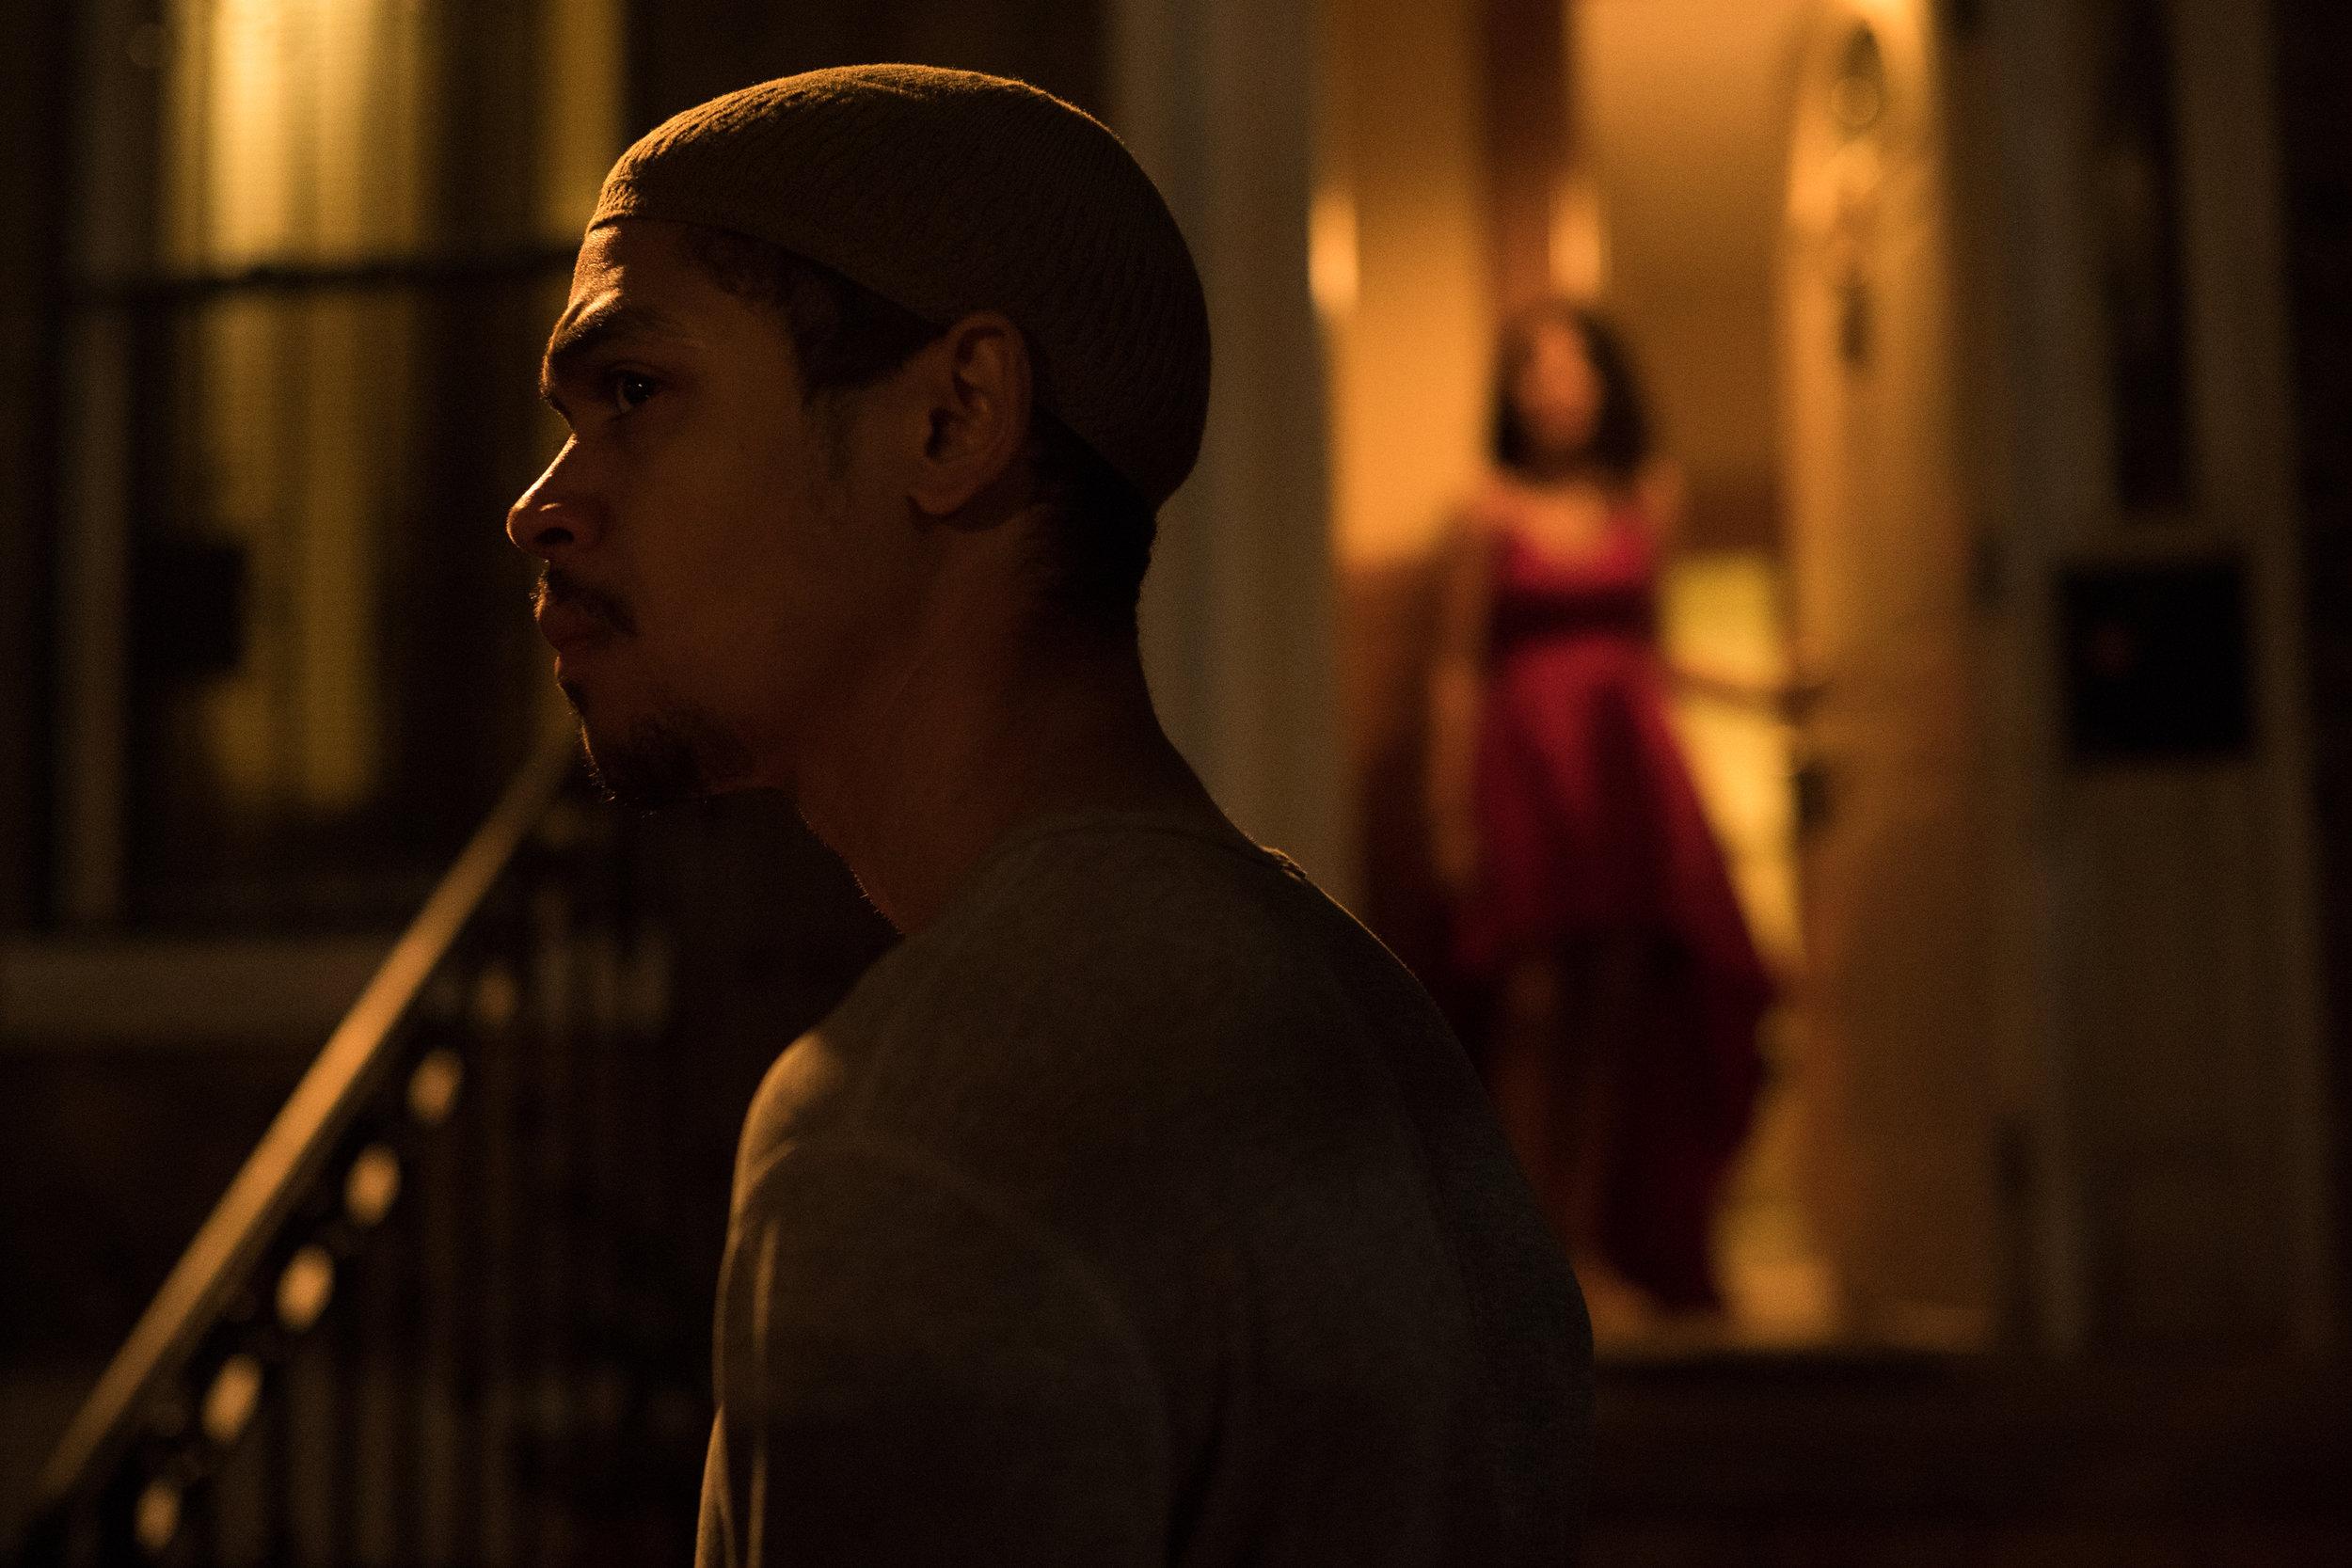 """Reynaldo Piniella as Abdul Caban and Crystal de la Cruz as Naya Caban in """"Freedom Shadow""""  Sony a9"""